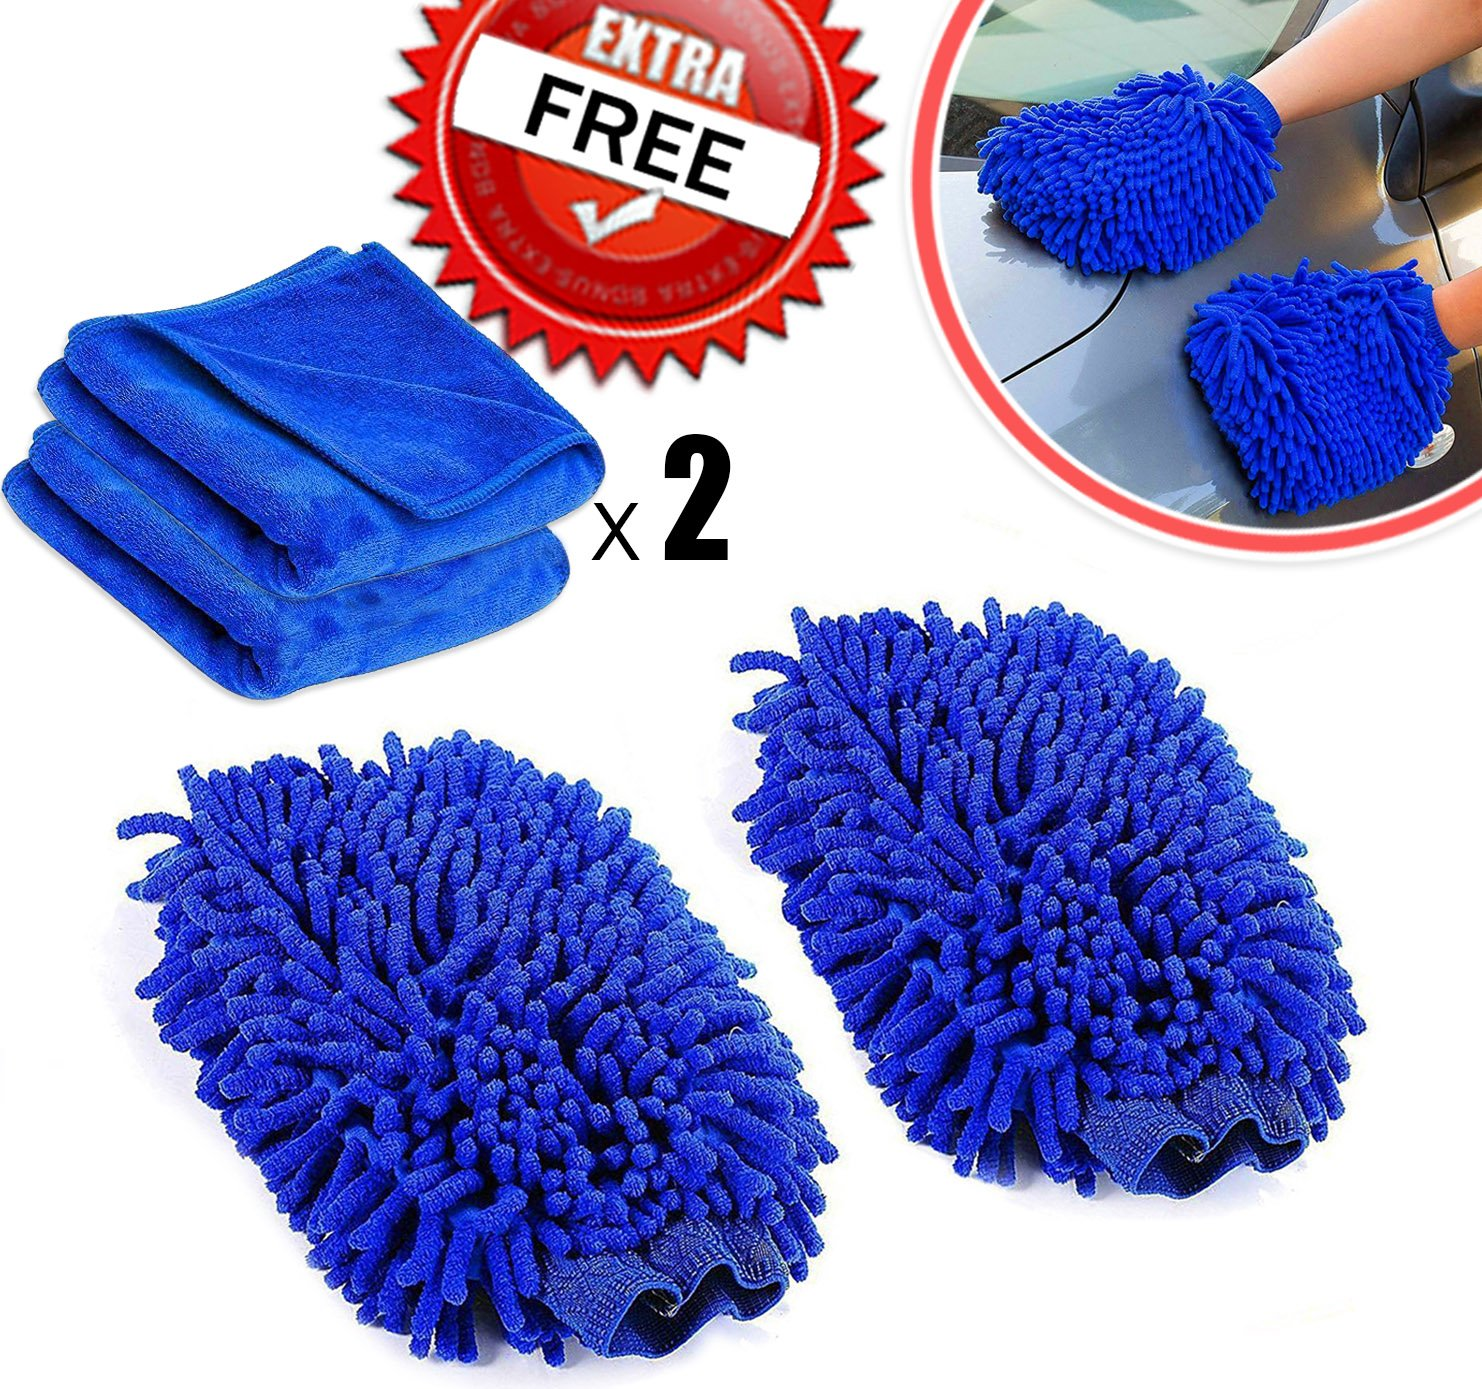 Amison - Guantes de lavado para limpieza de coche, 2unidades, Premium Ultrasuave, de microfibra, paño de limpieza para limpieza del coche y hogar